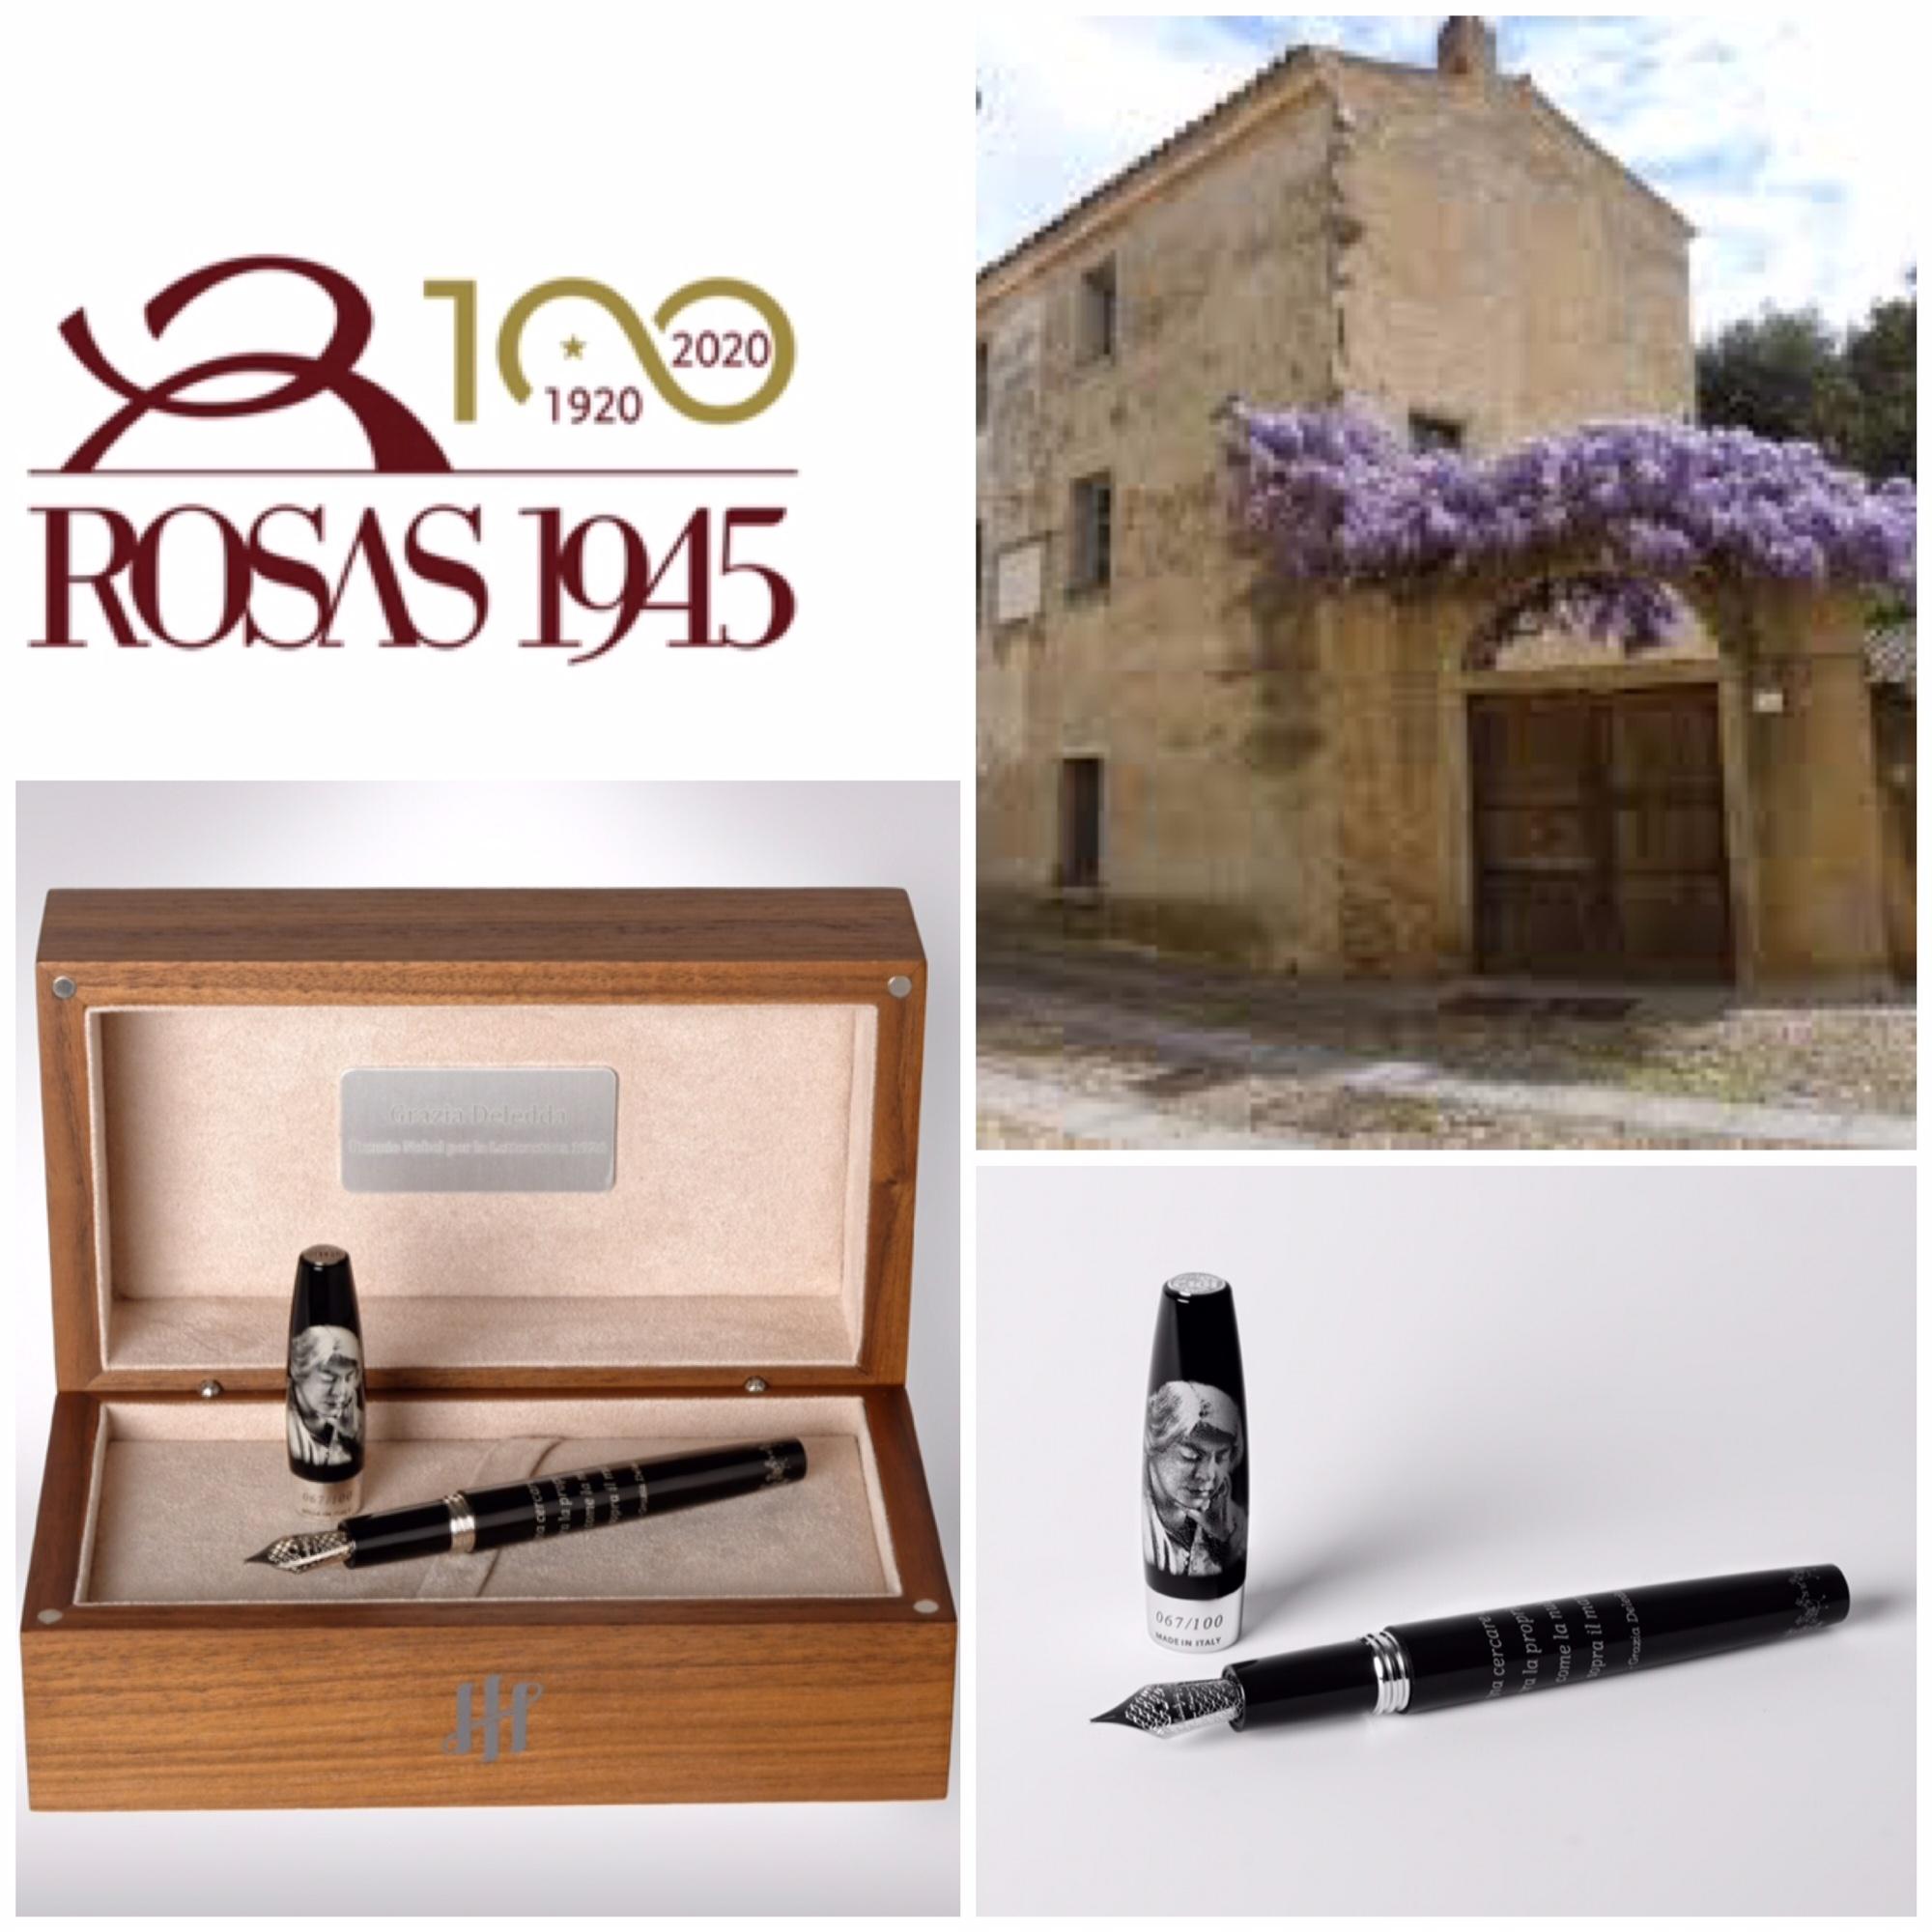 Rosas 1945 e Montegrappa: penna-tributo a Grazia Deledda